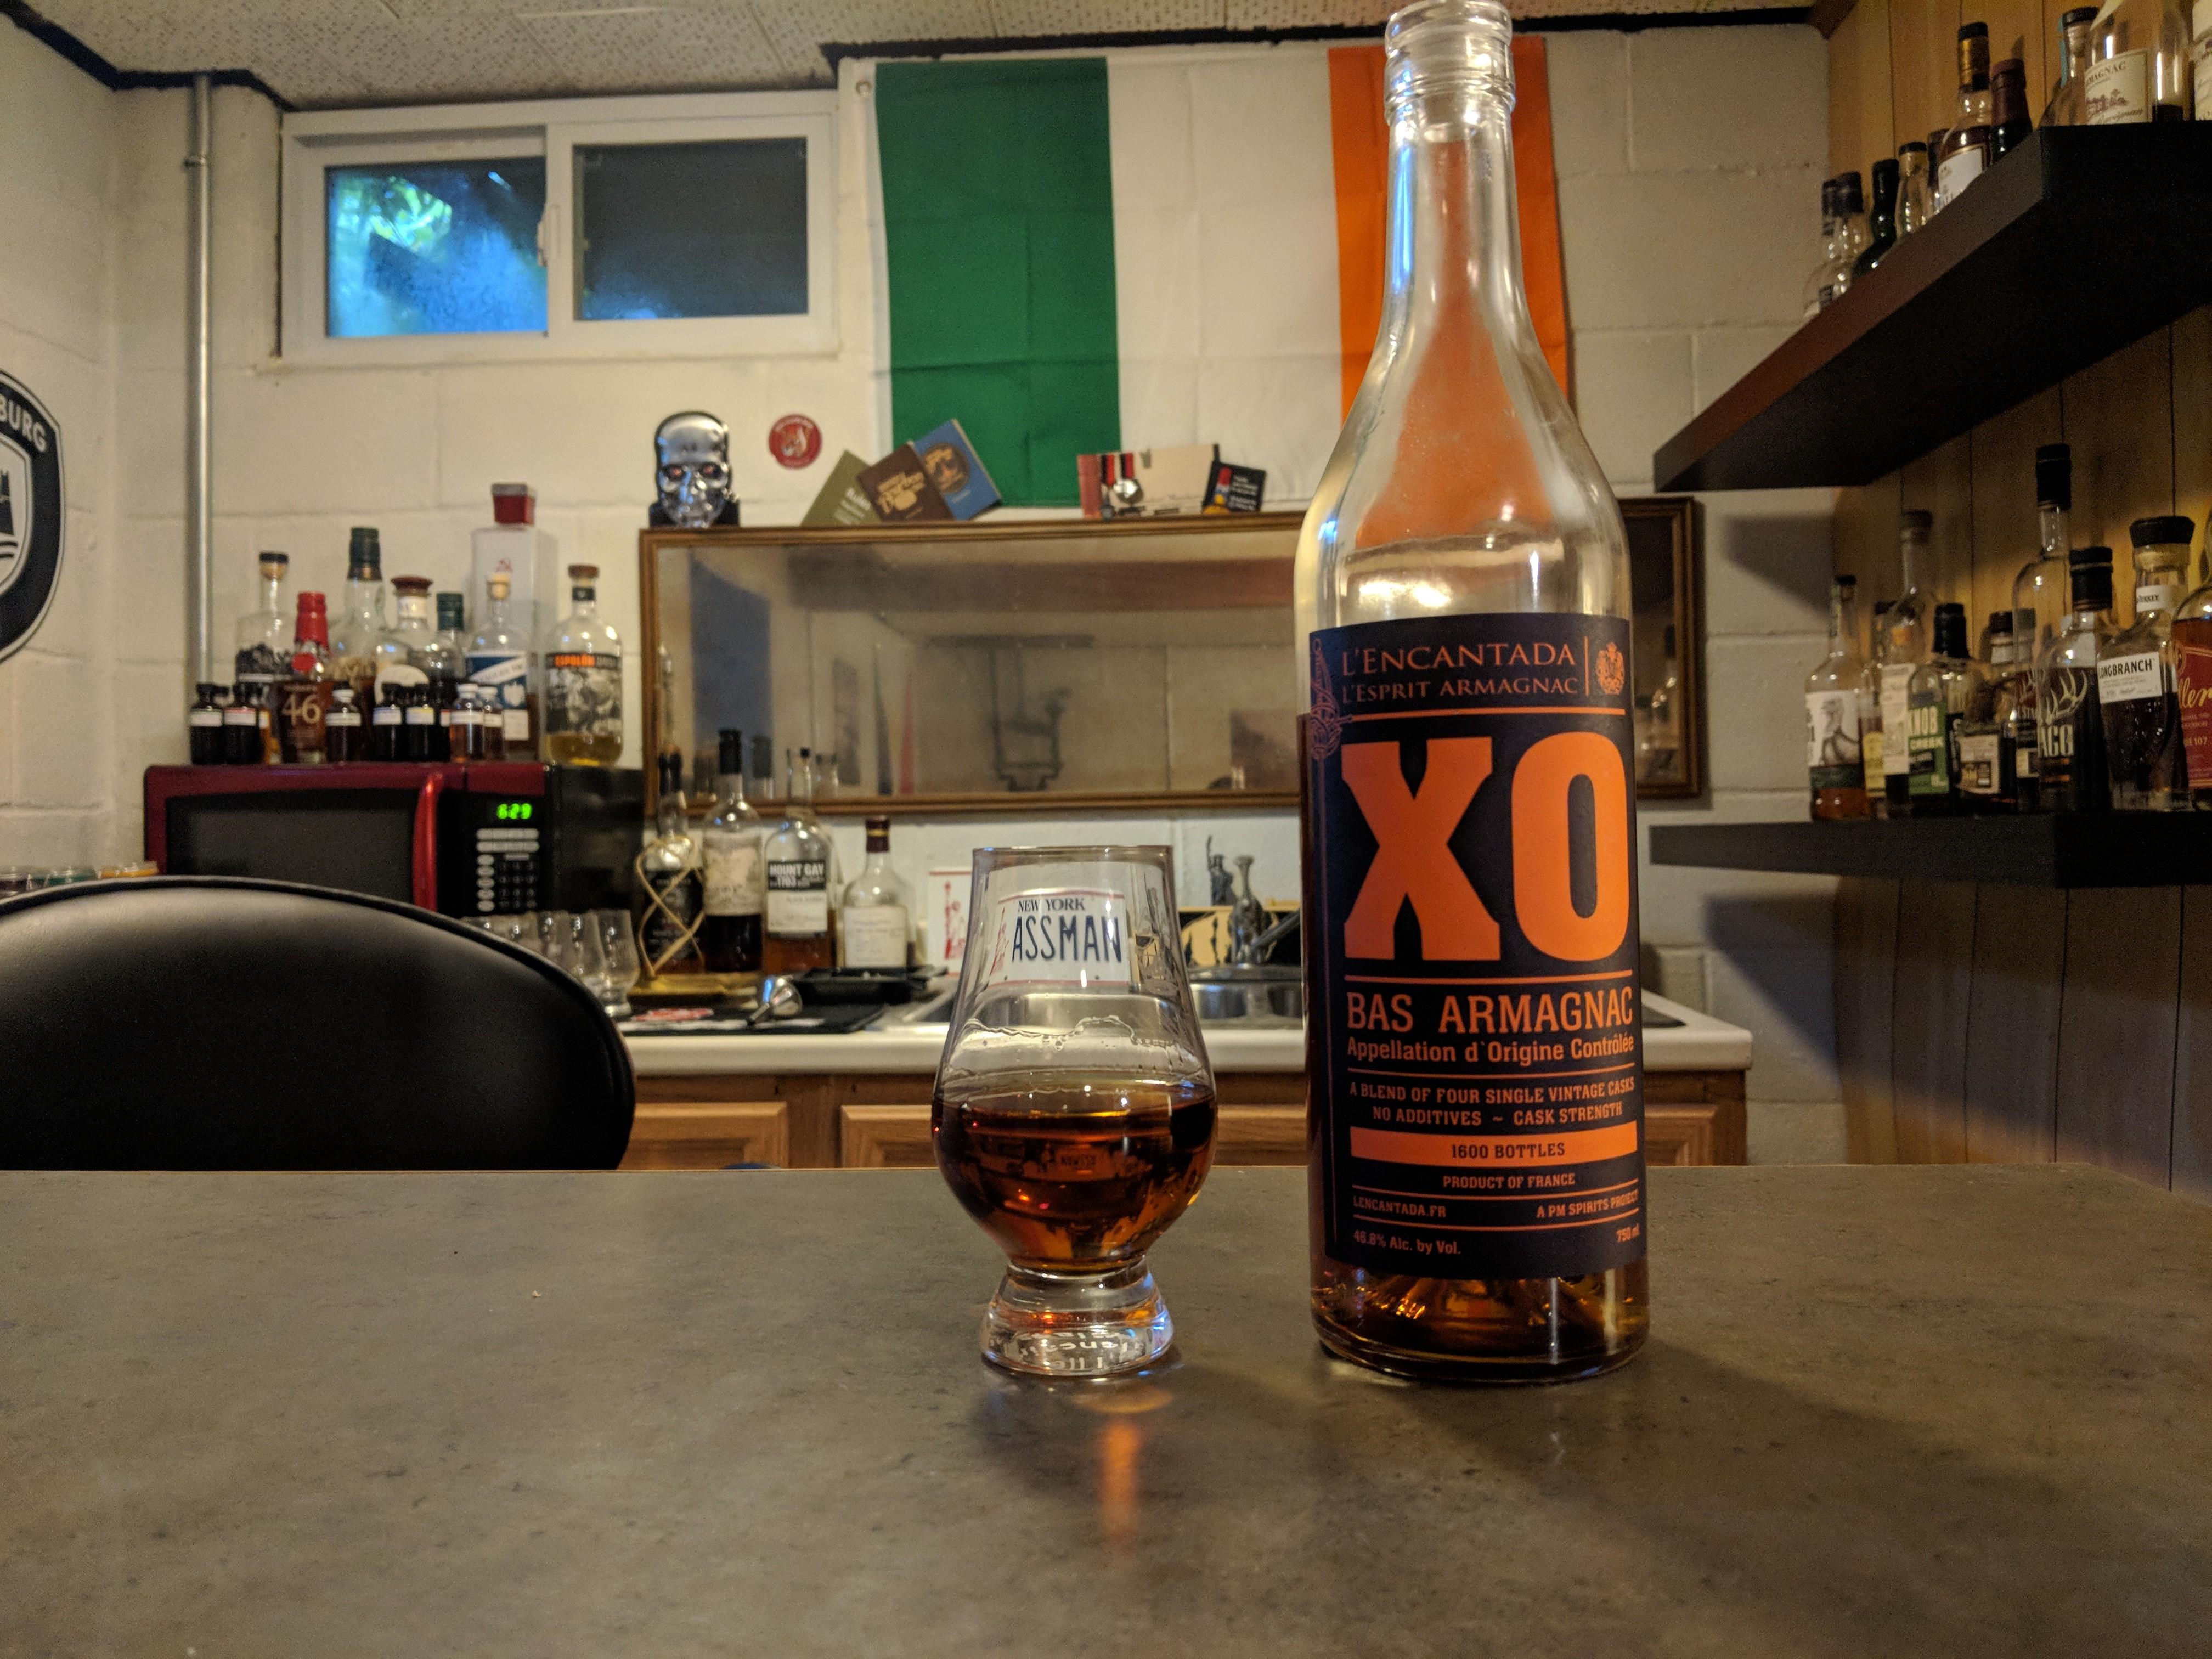 L'Encantada XO 1